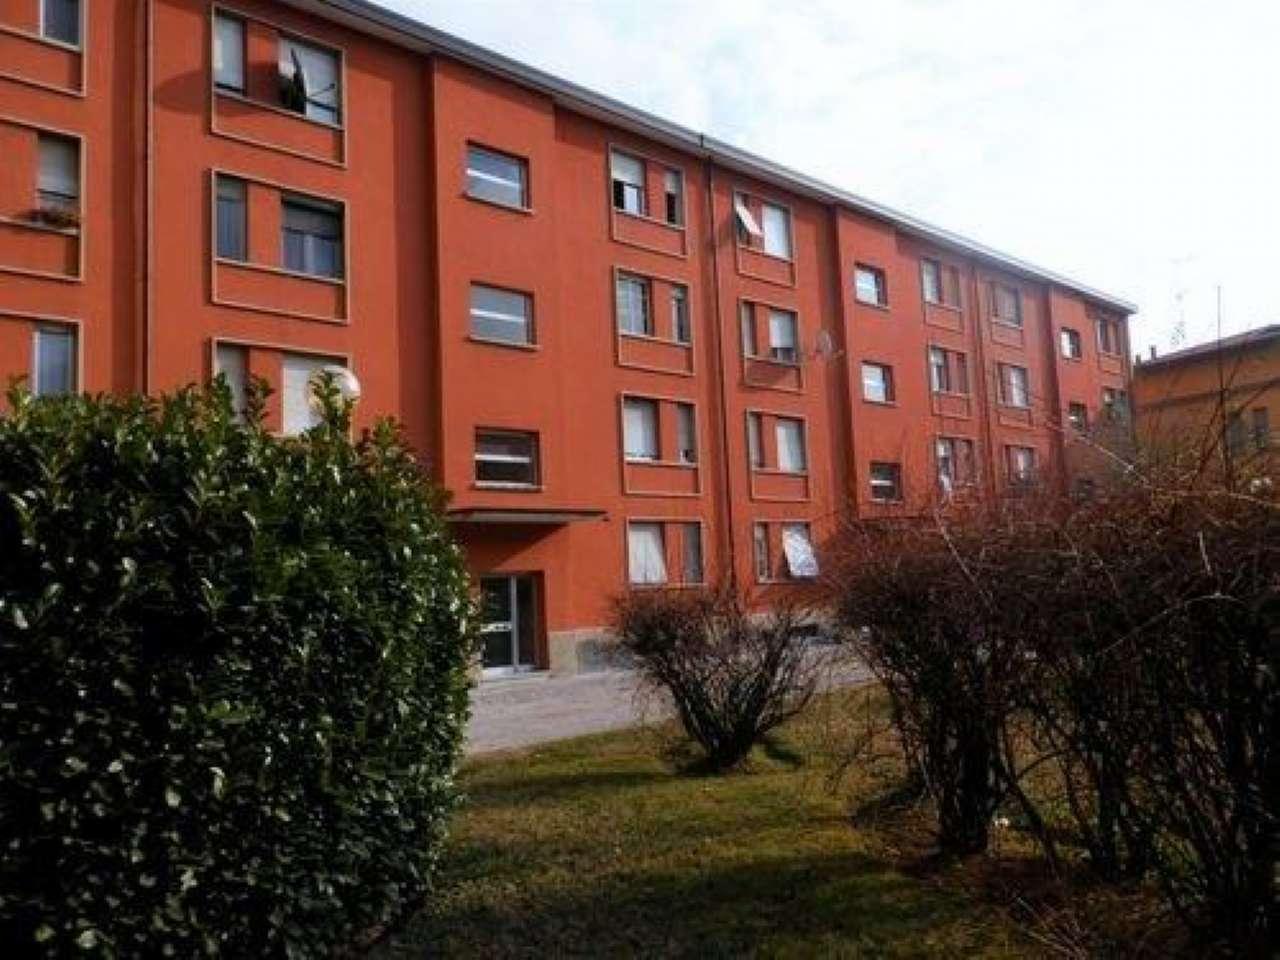 Attico / Mansarda in affitto a Sesto San Giovanni, 2 locali, prezzo € 480 | Cambio Casa.it